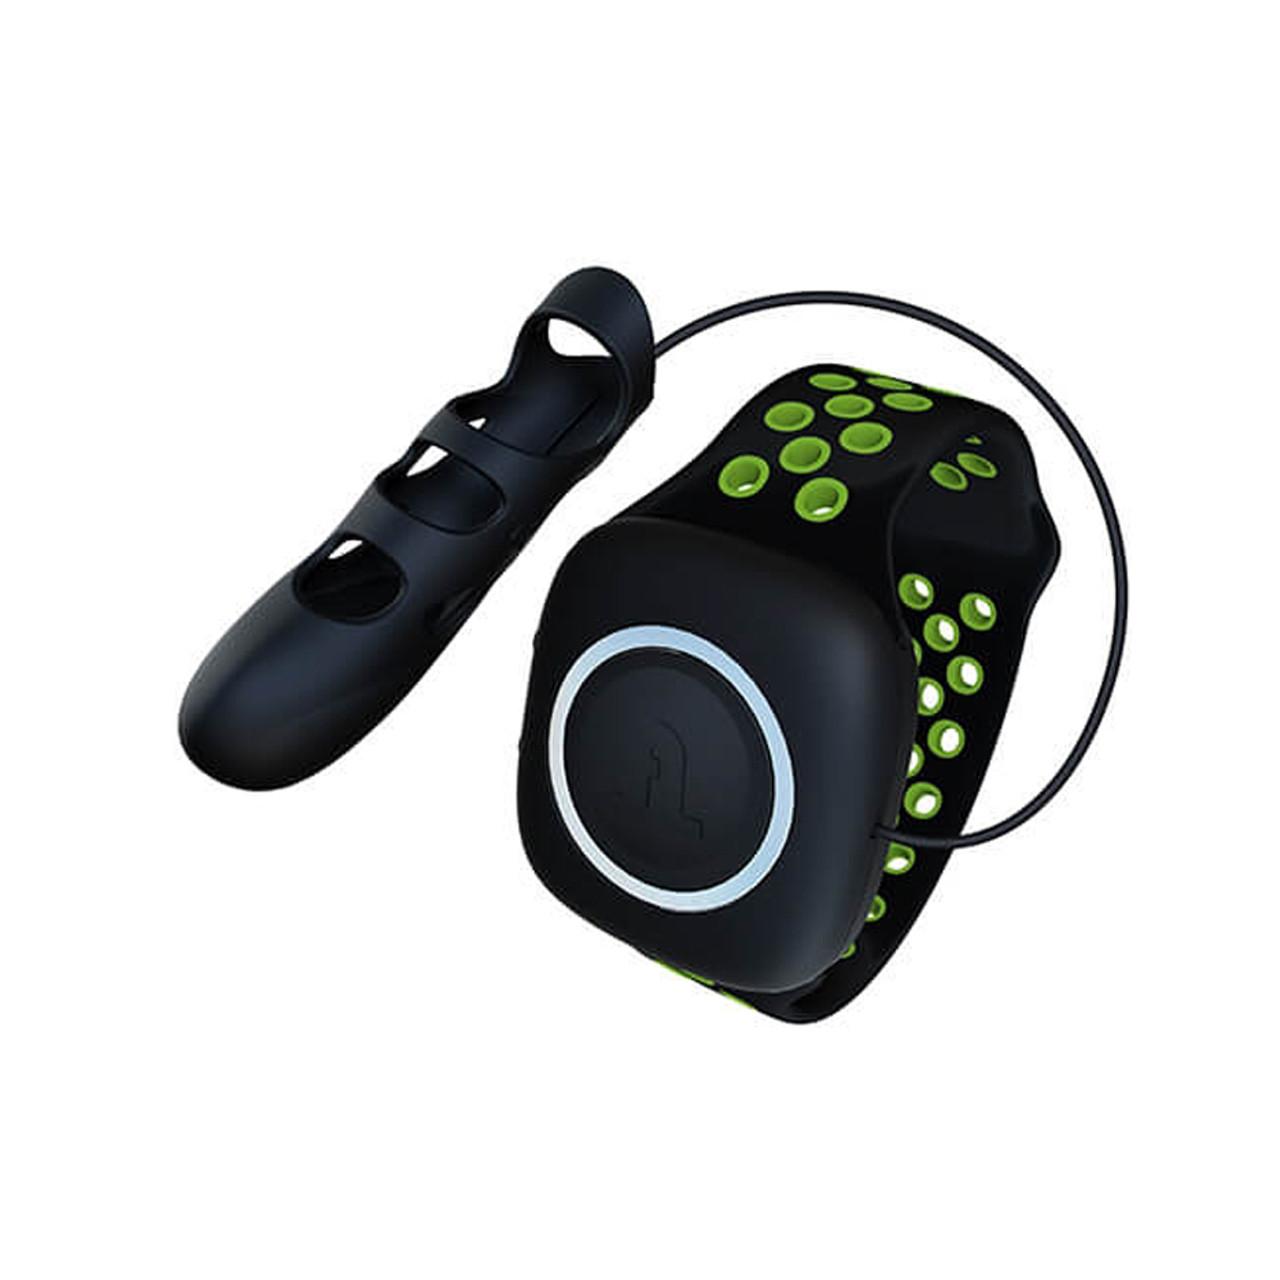 touche toys conqueror vibrator